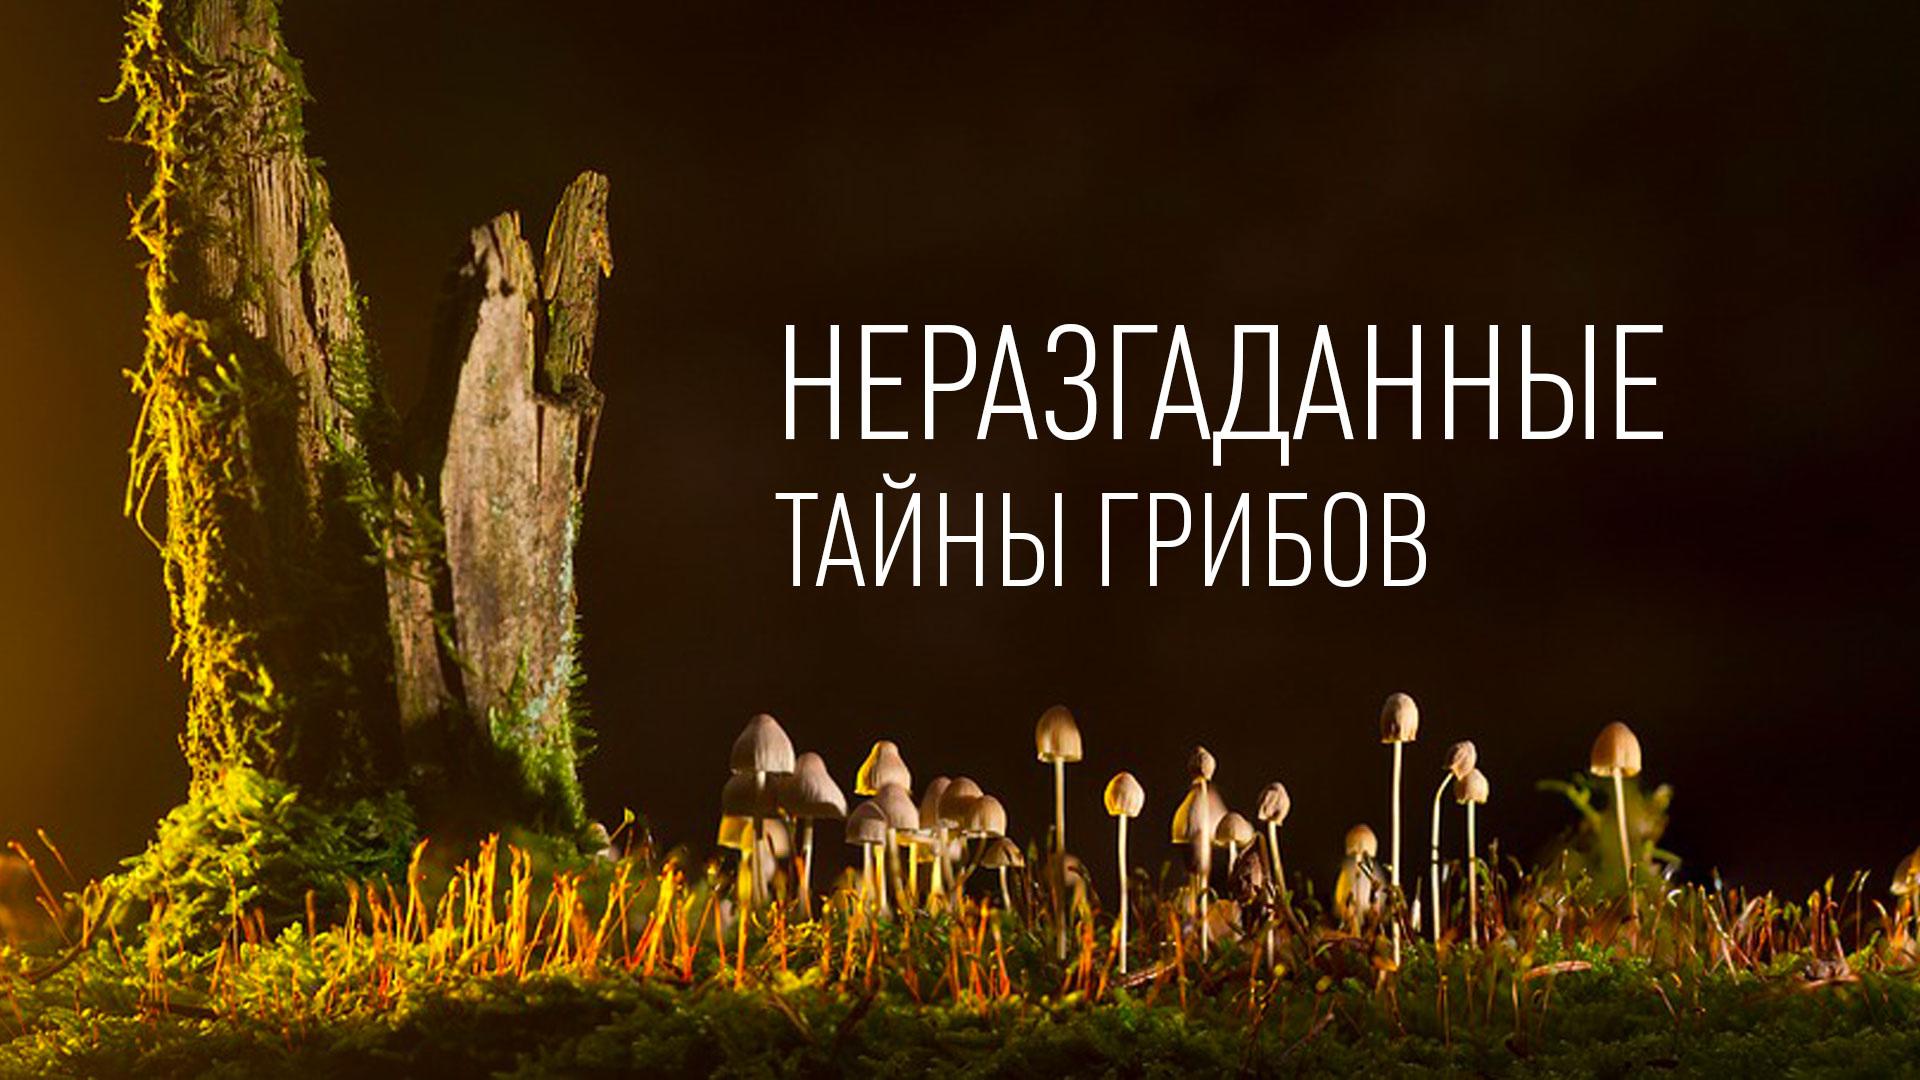 Неразгаданные тайны грибов